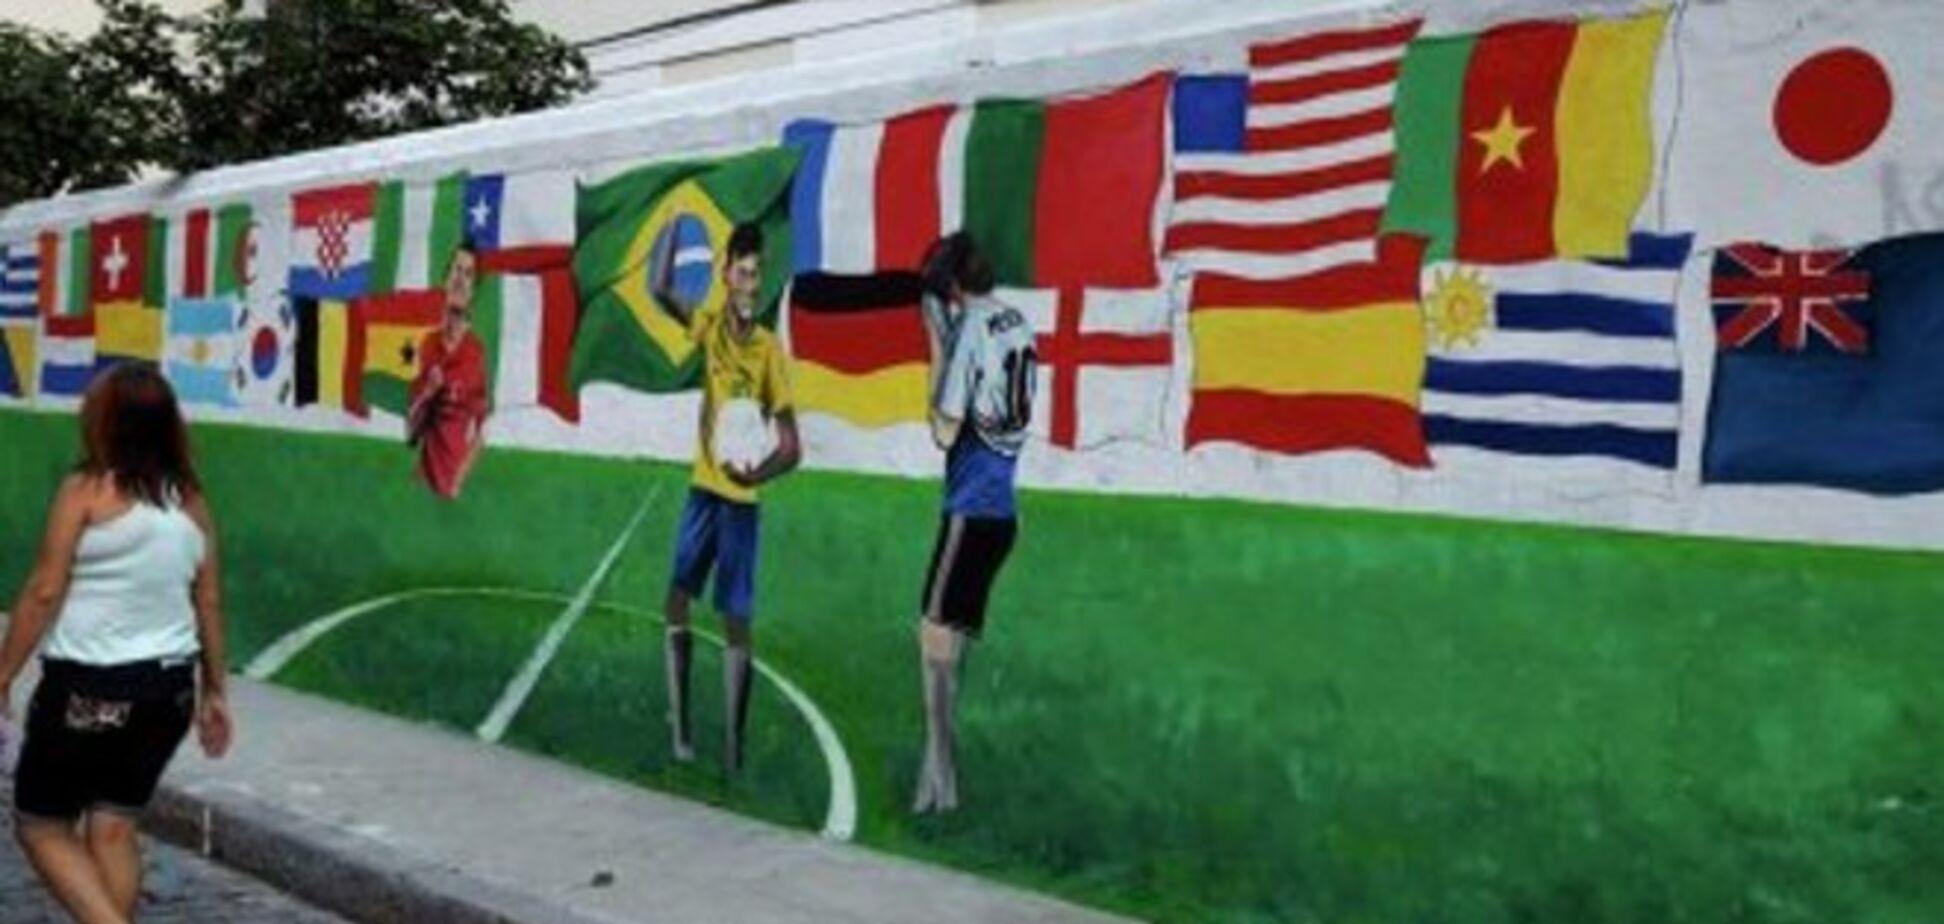 Созданы сосиски 'со вкусом' стран-участниц ЧМ по футболу